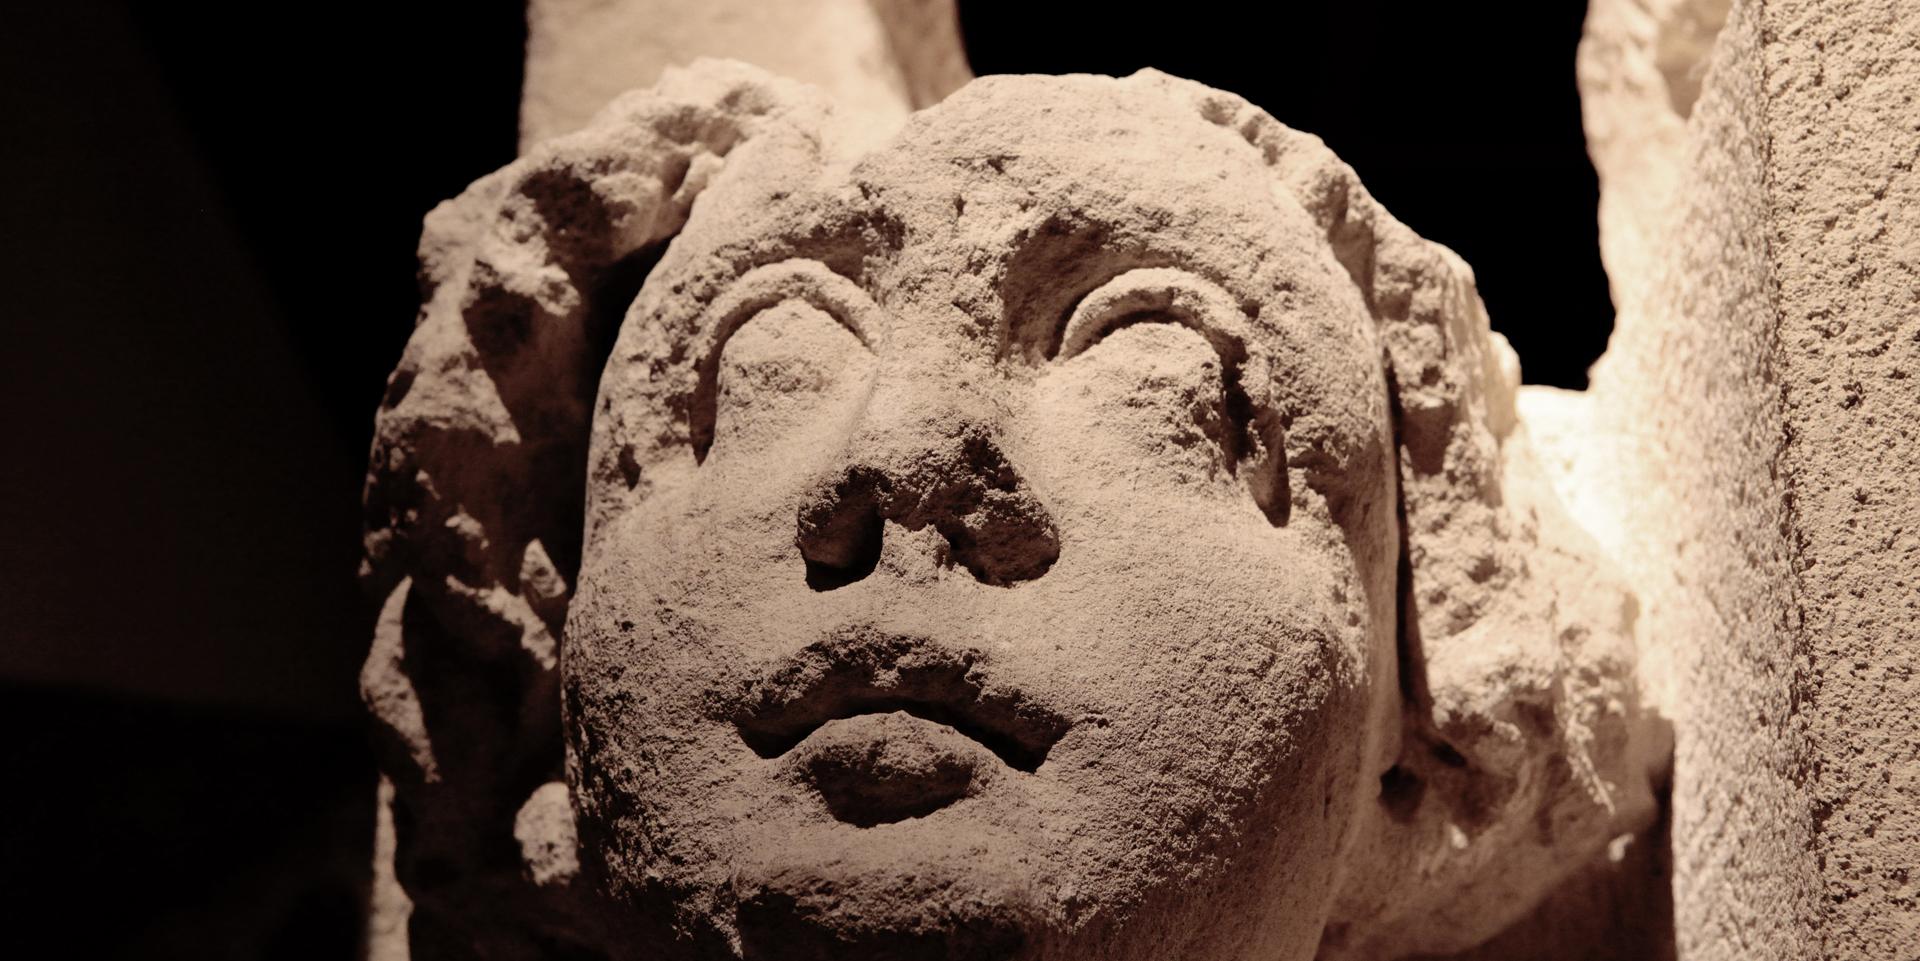 Musée archéologique val d'oise